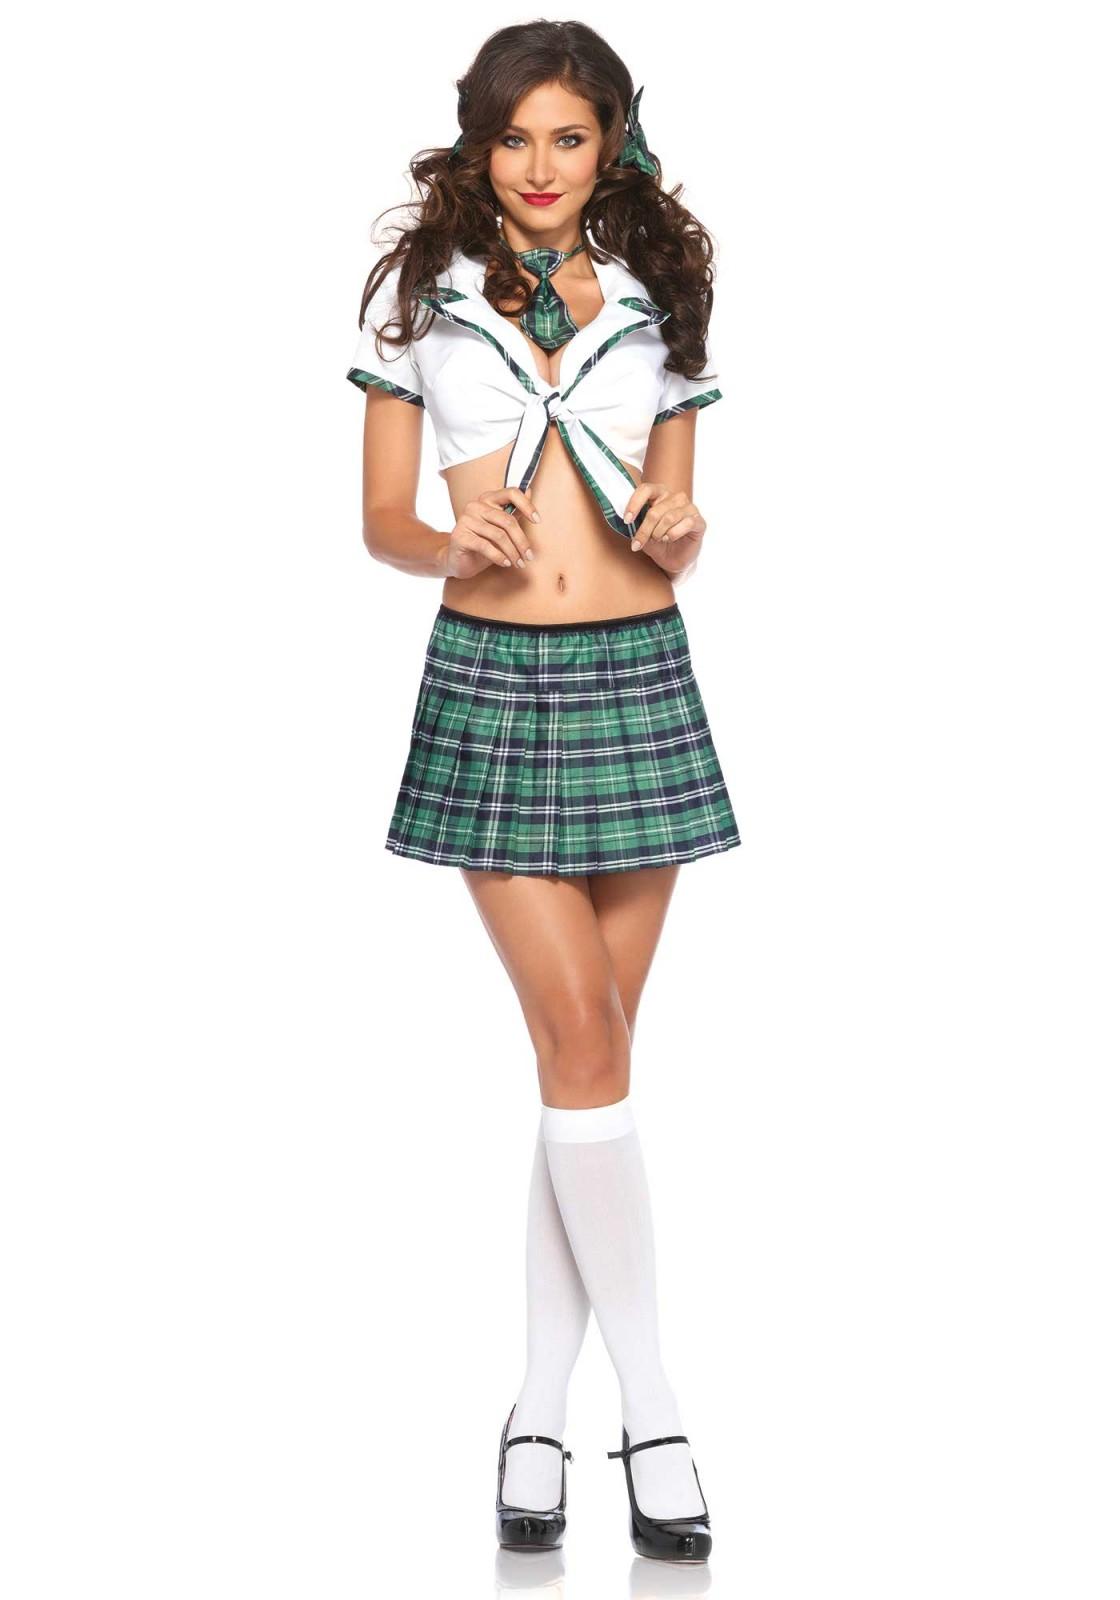 Costume uniforme écolière